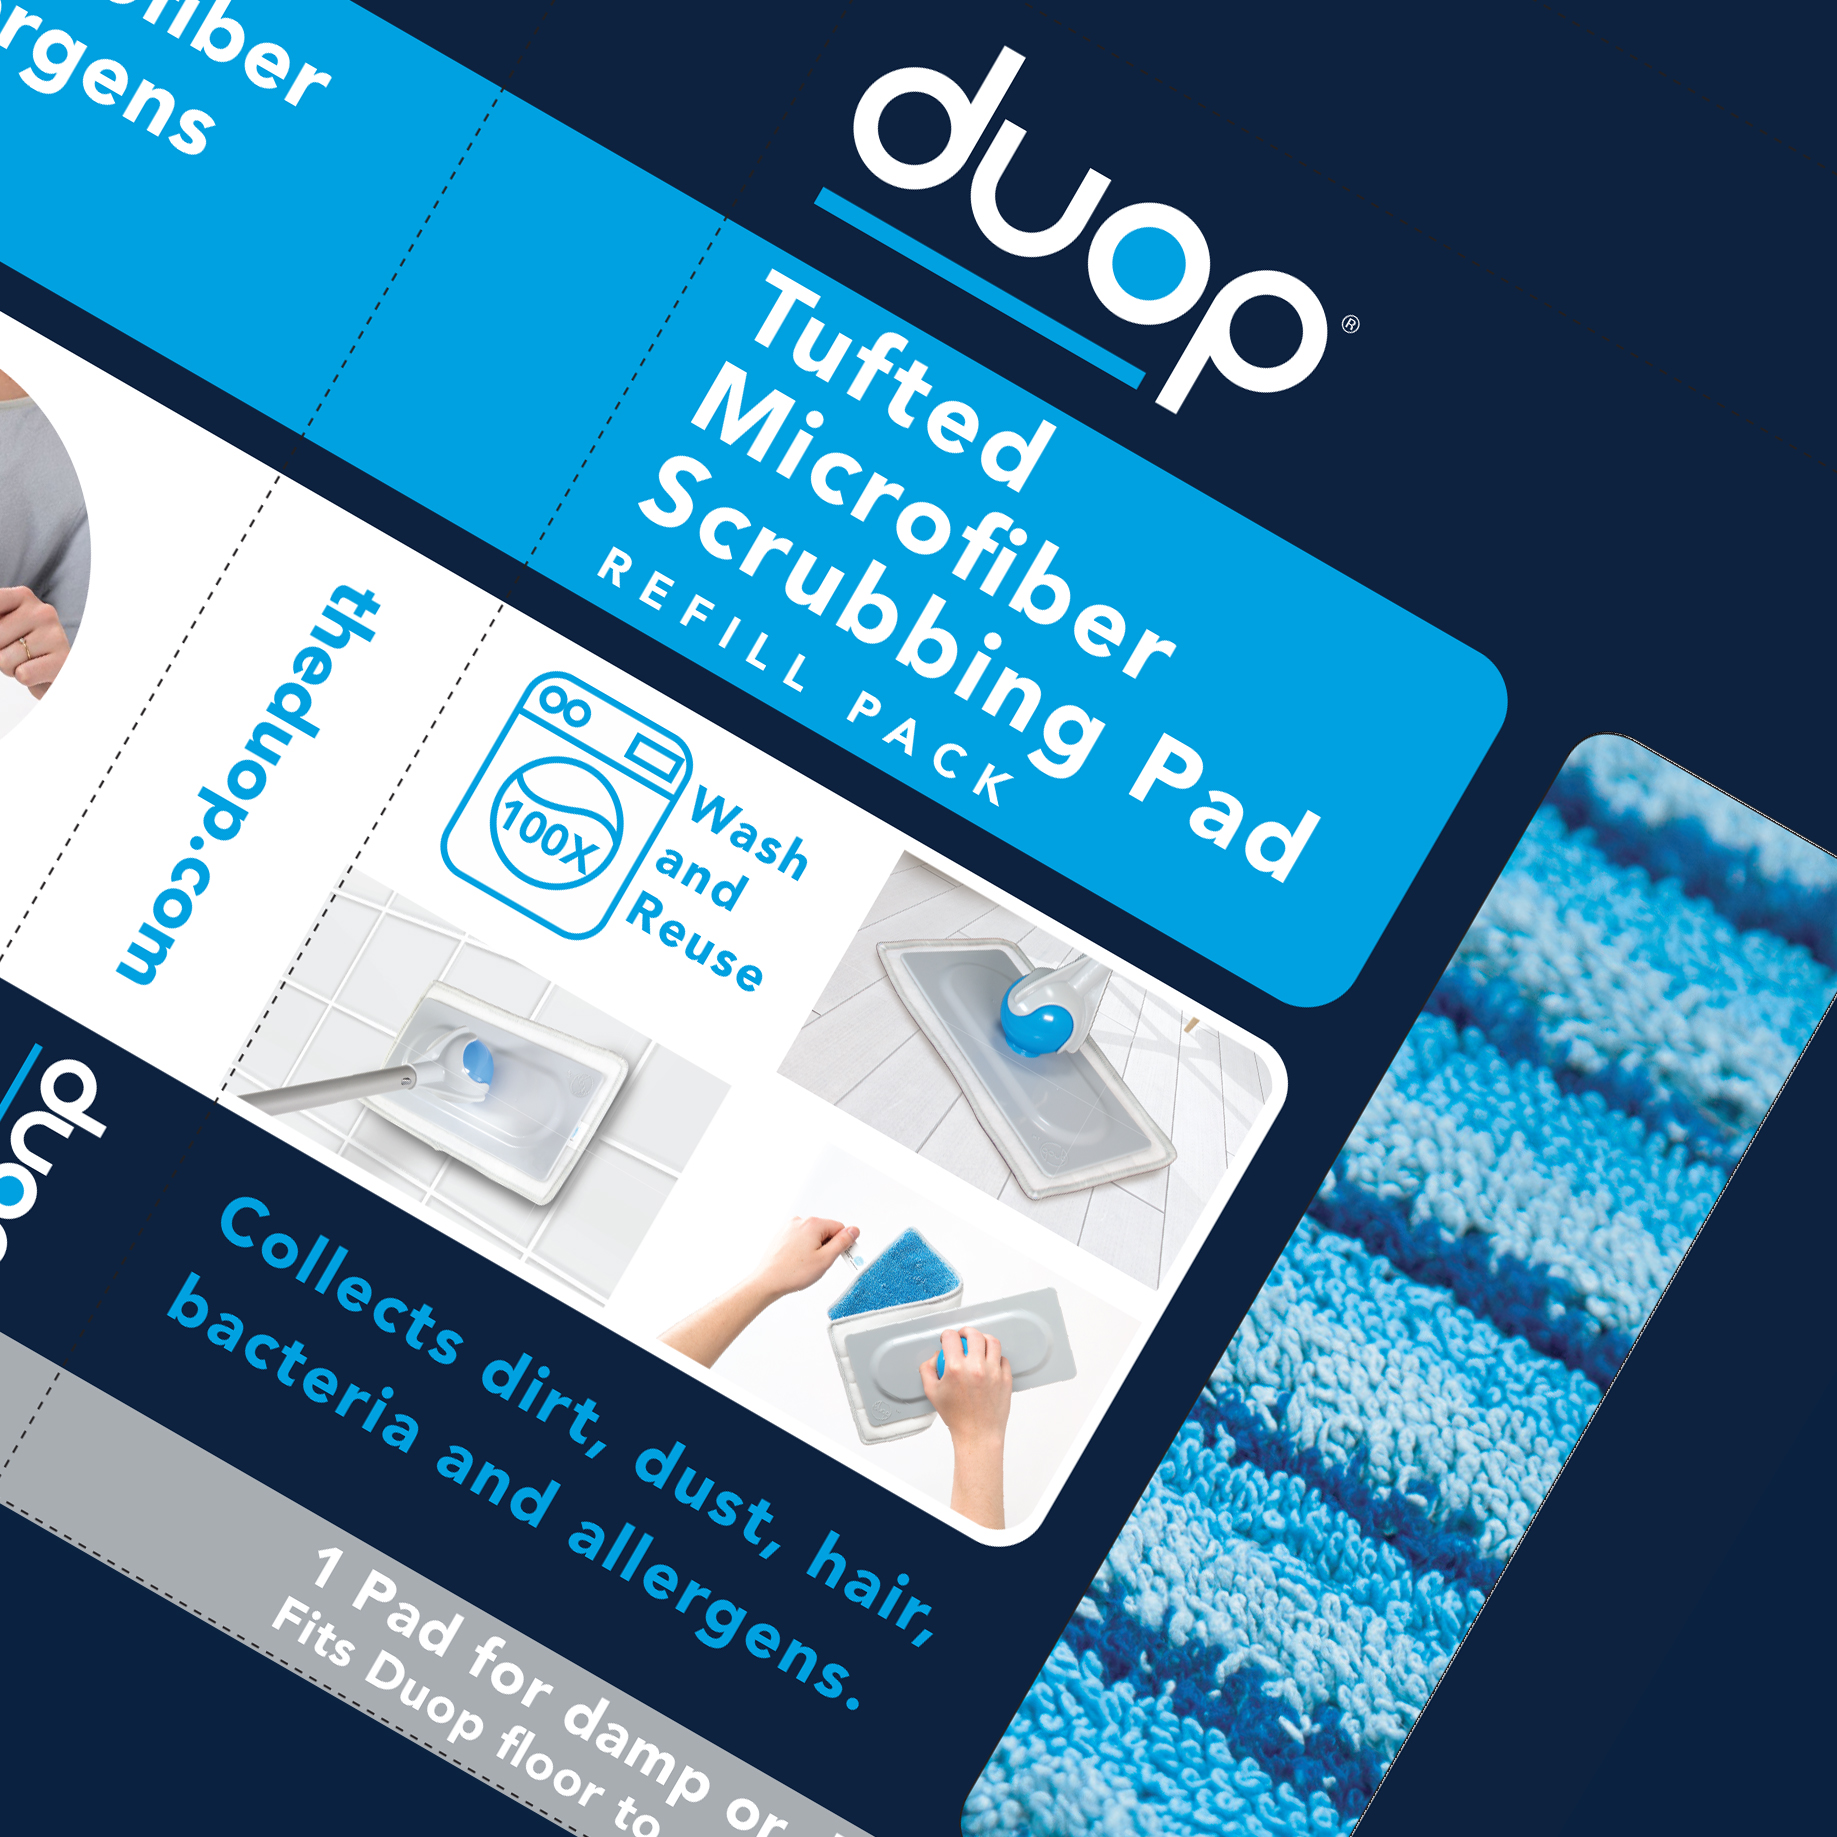 Duop Microfiber Pack.jpg